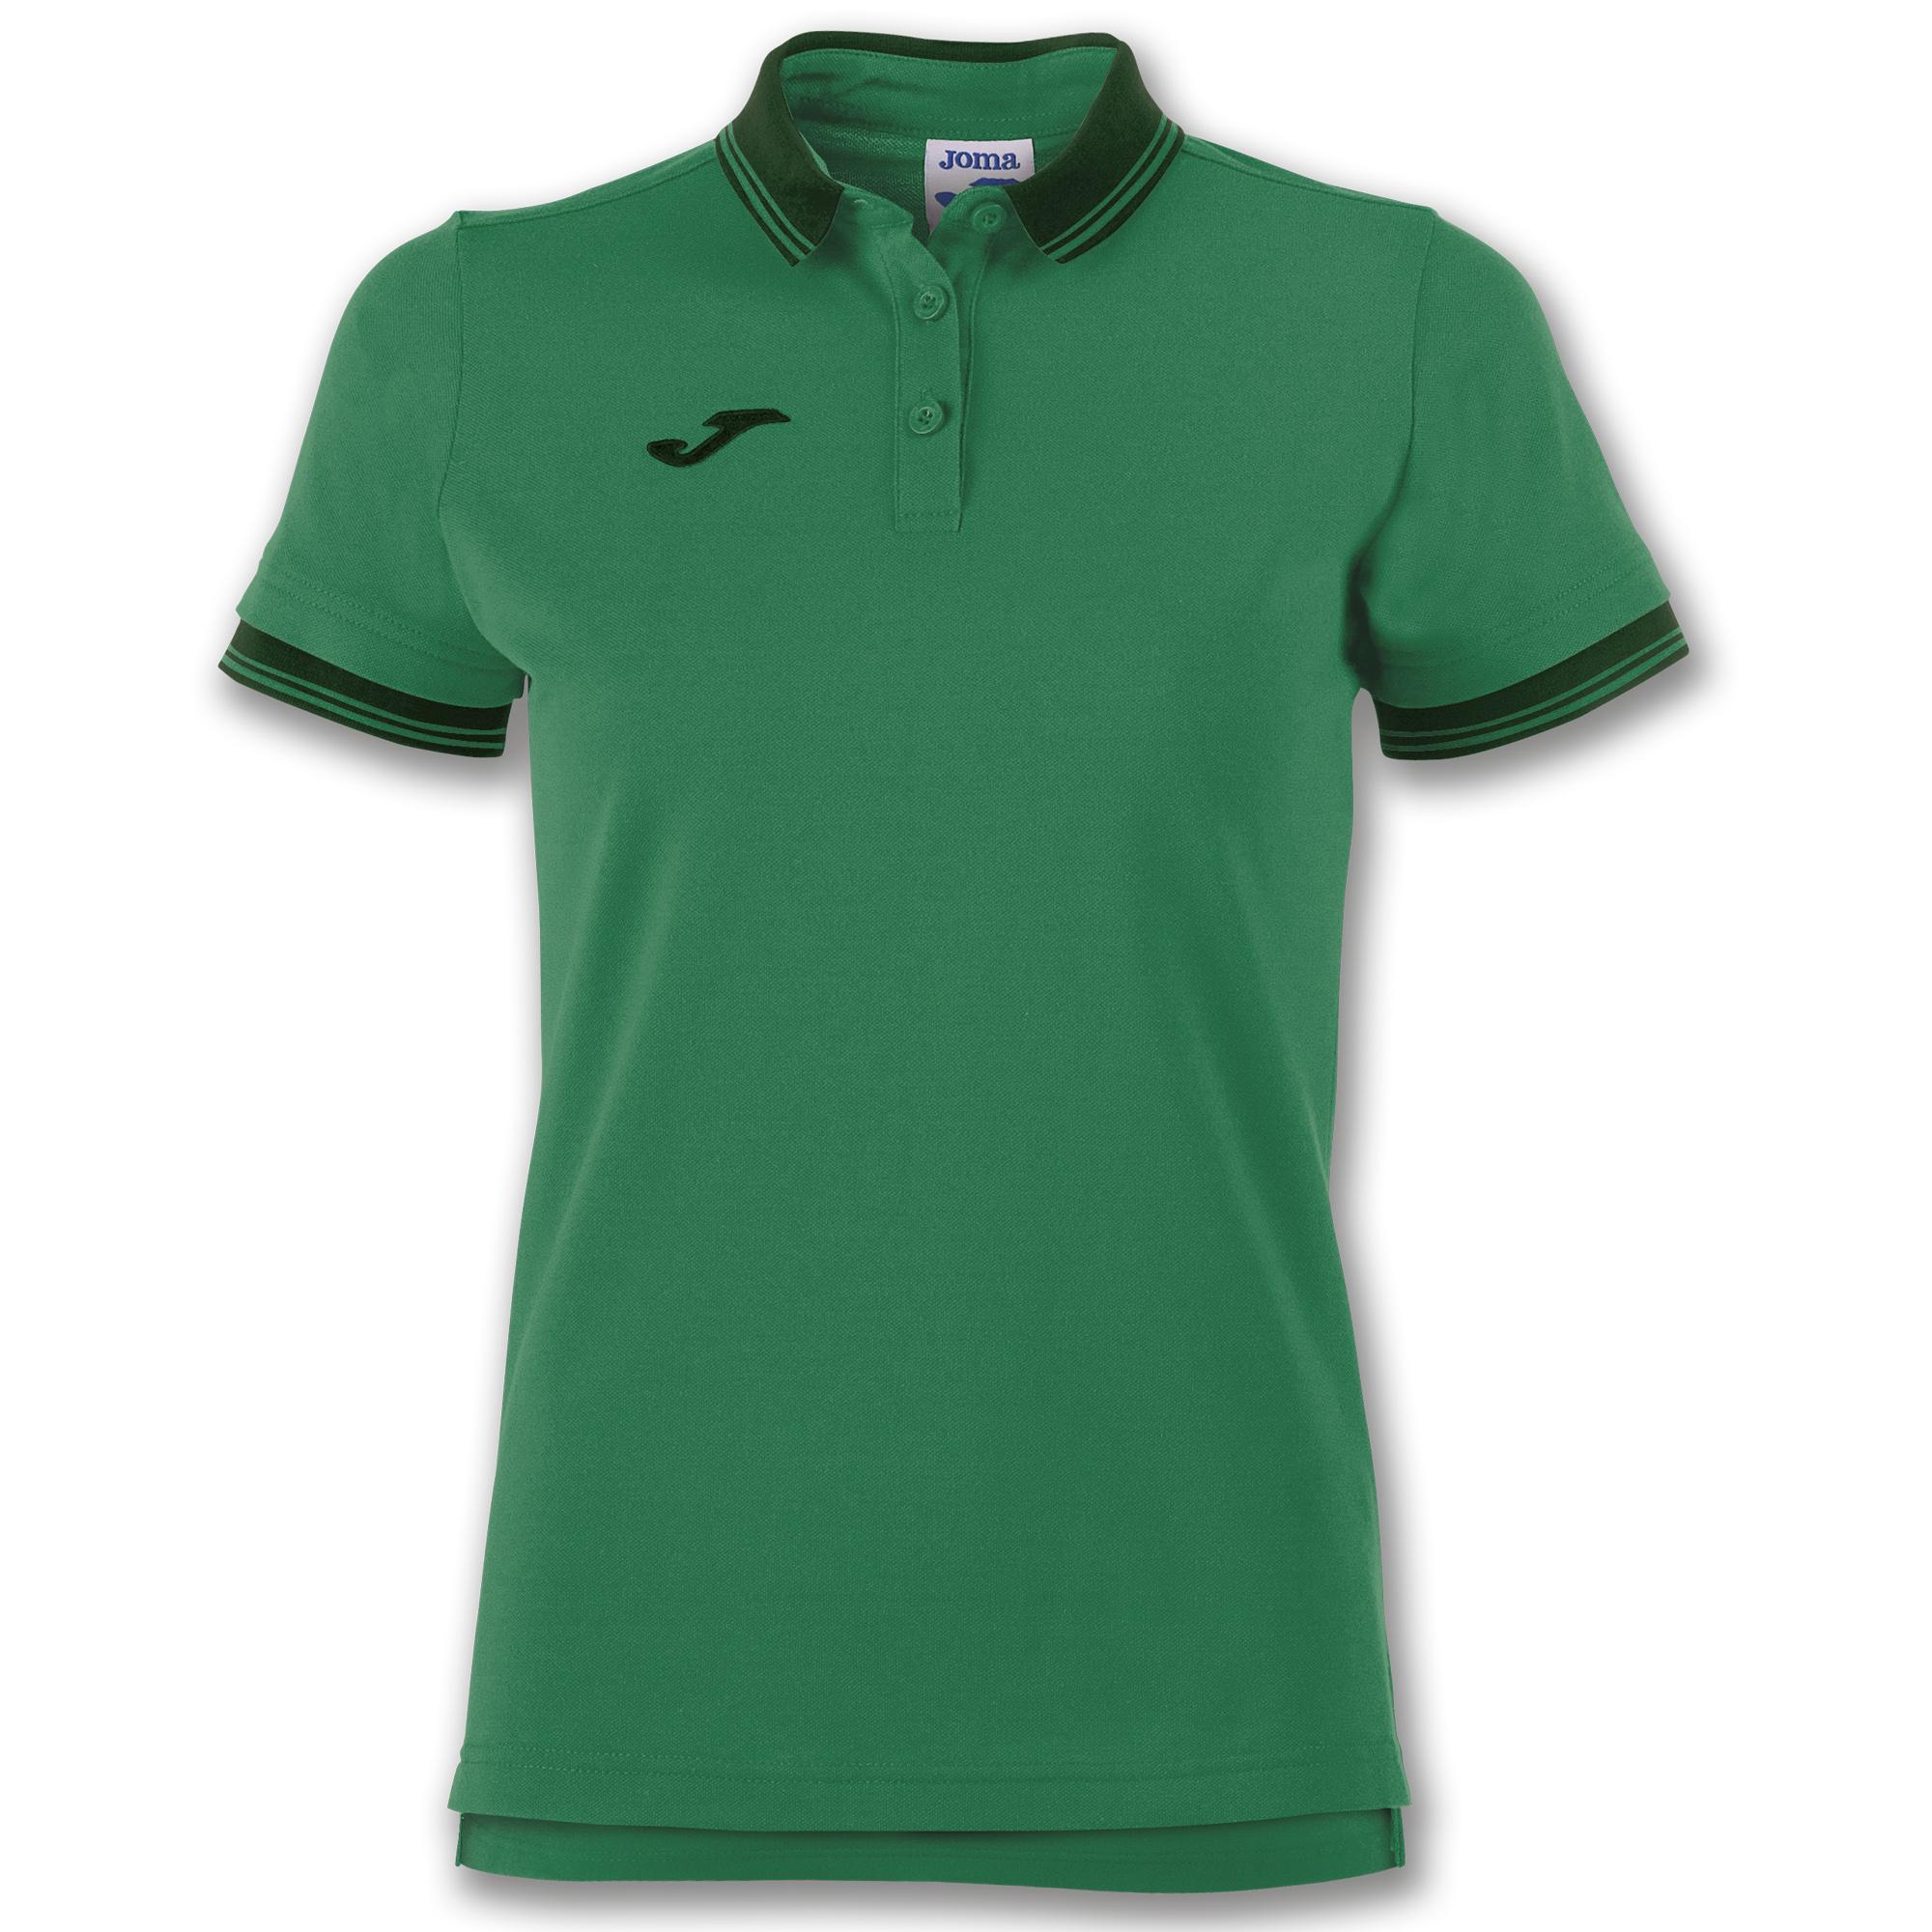 polo shirts for women s/s polo shirt bali ii green women - 1 qzvohhj